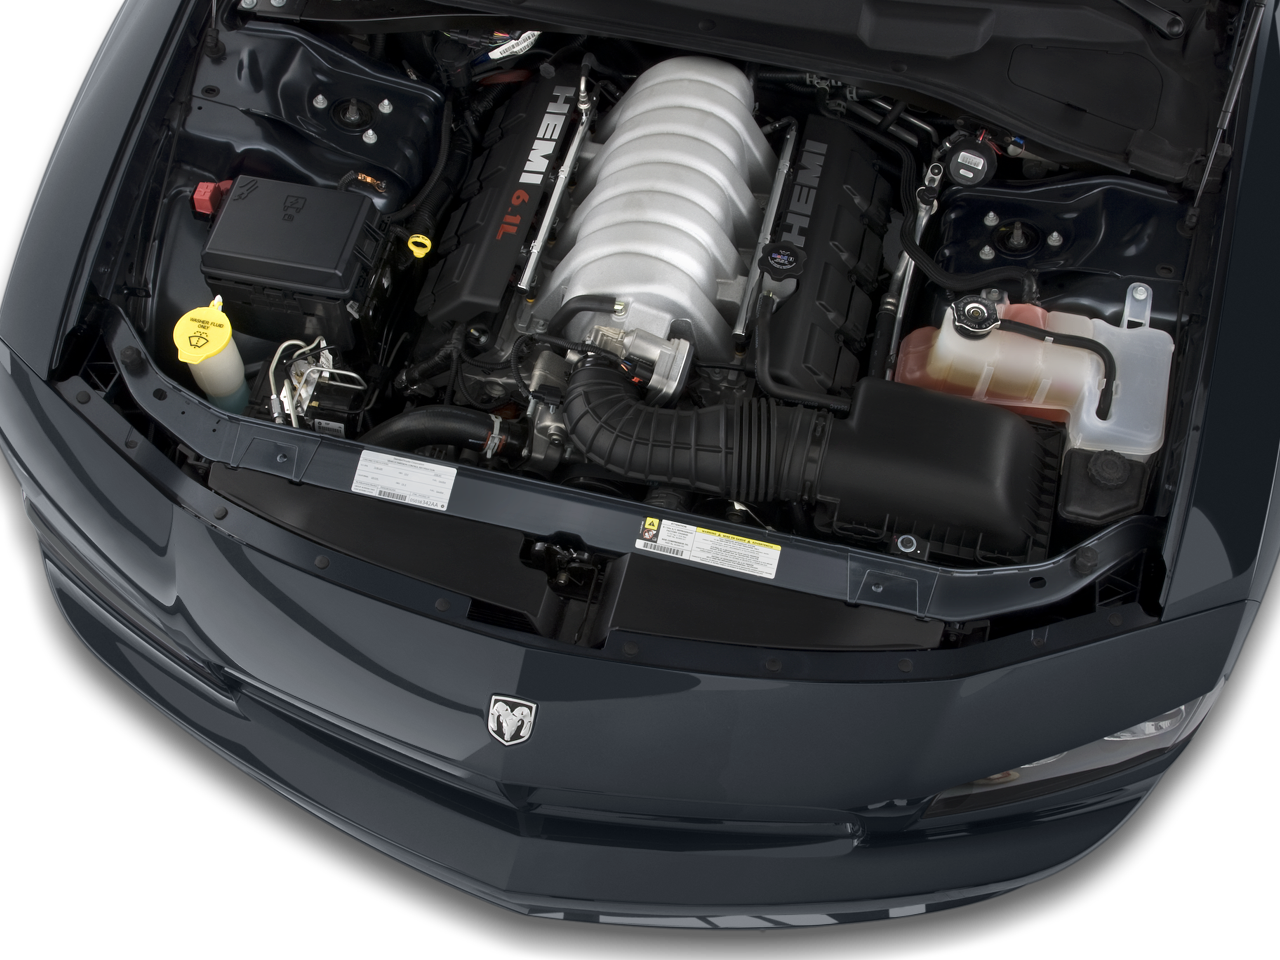 350 - Dodge Charger 2010 Srt8